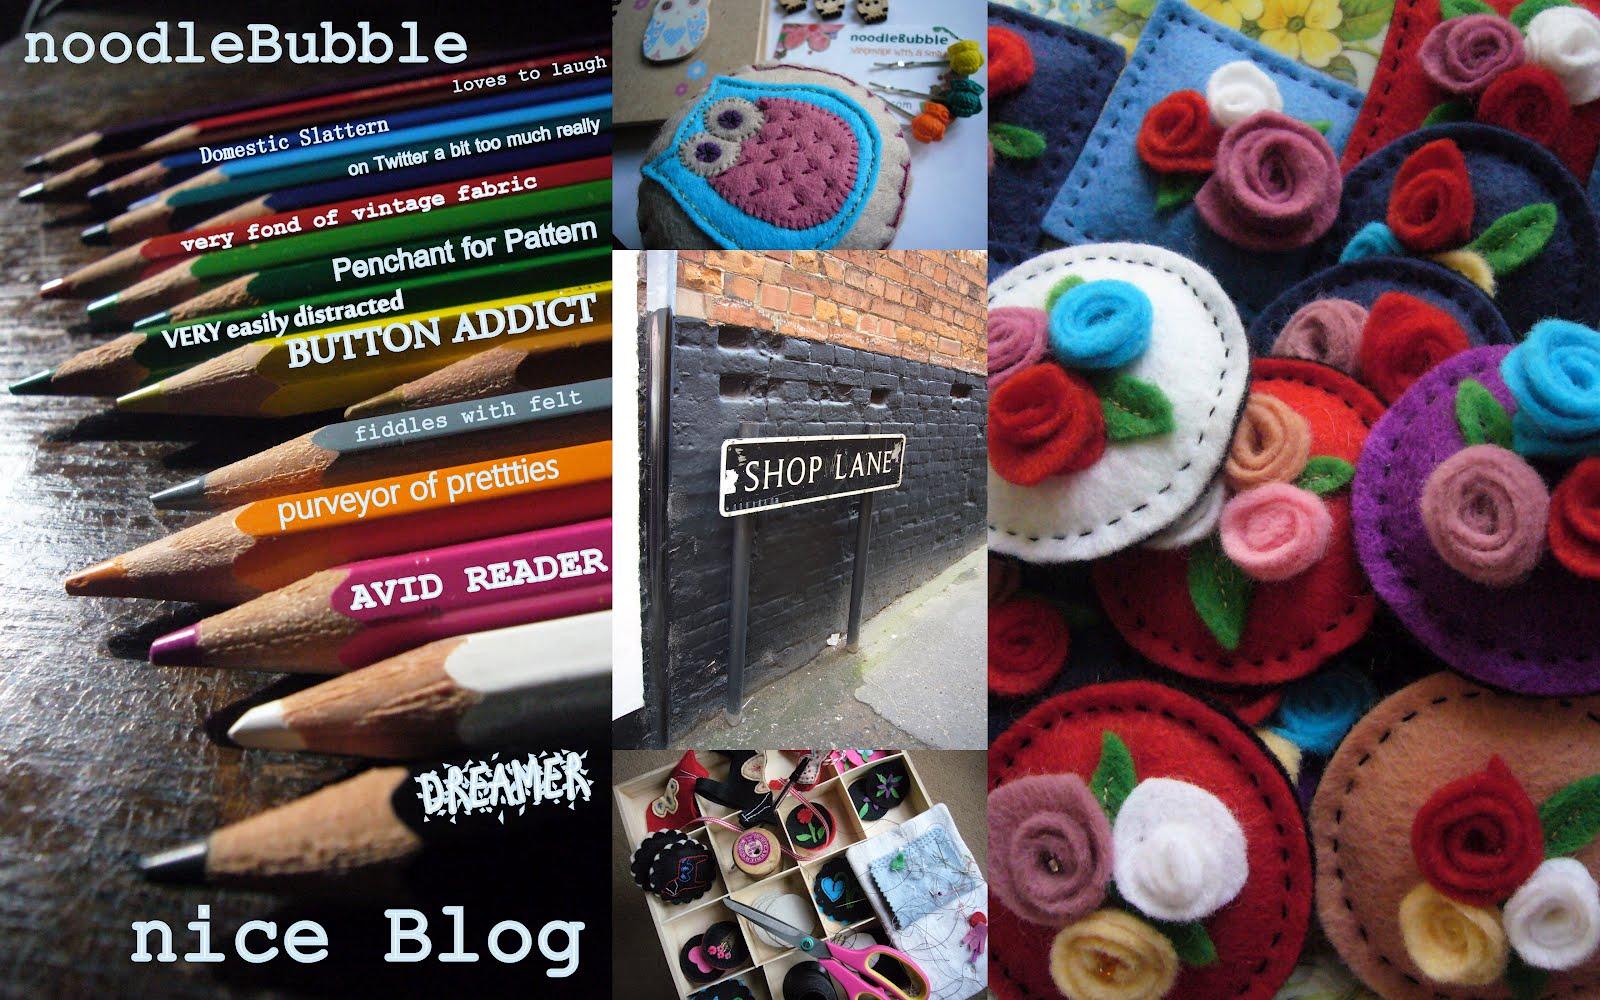 noodleBubble niceBlog